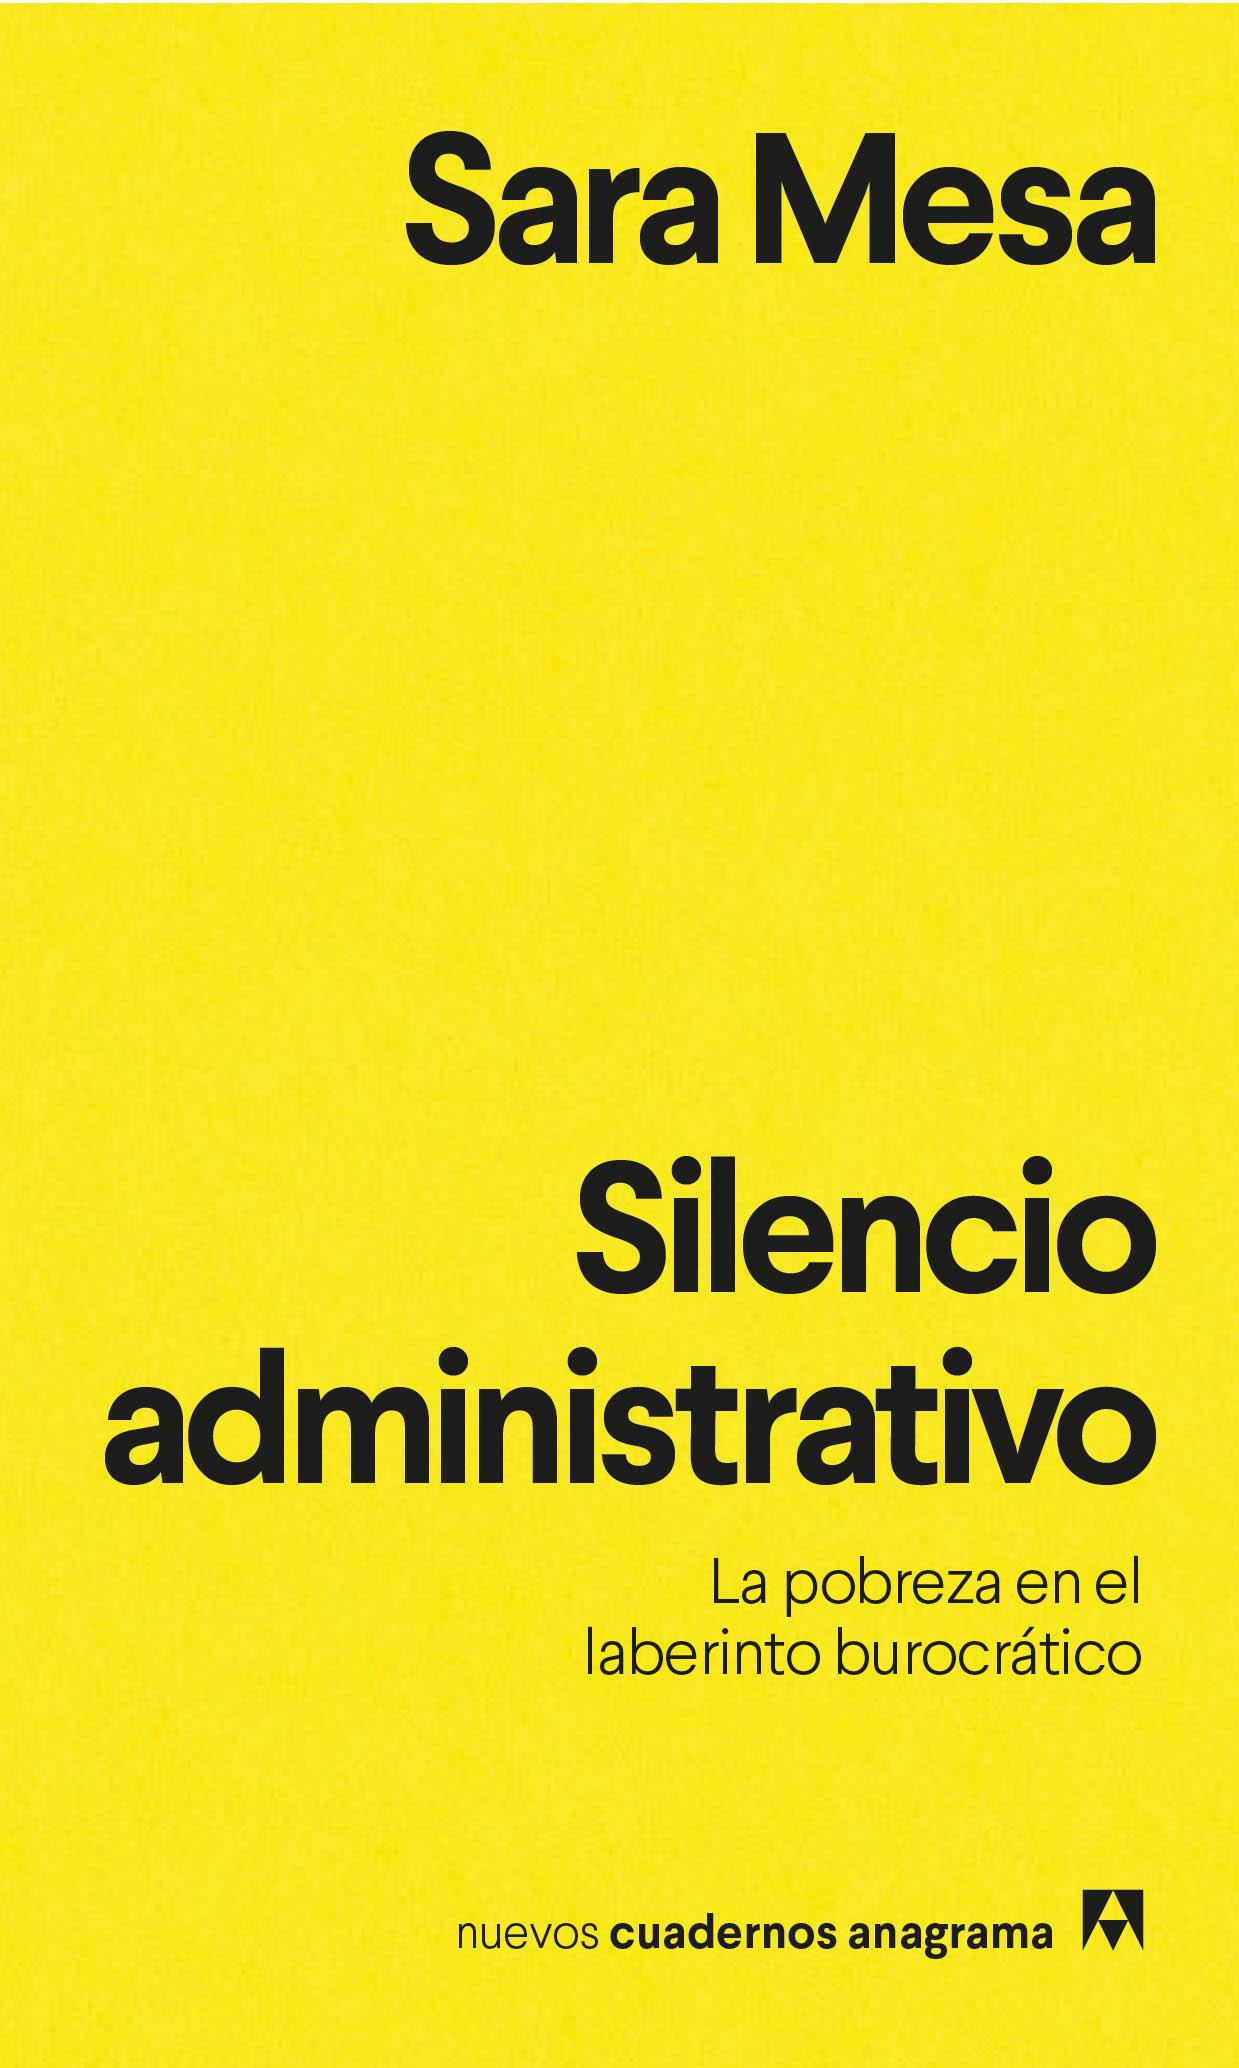 Resultado de imagen de silencio administrativo sara mesa